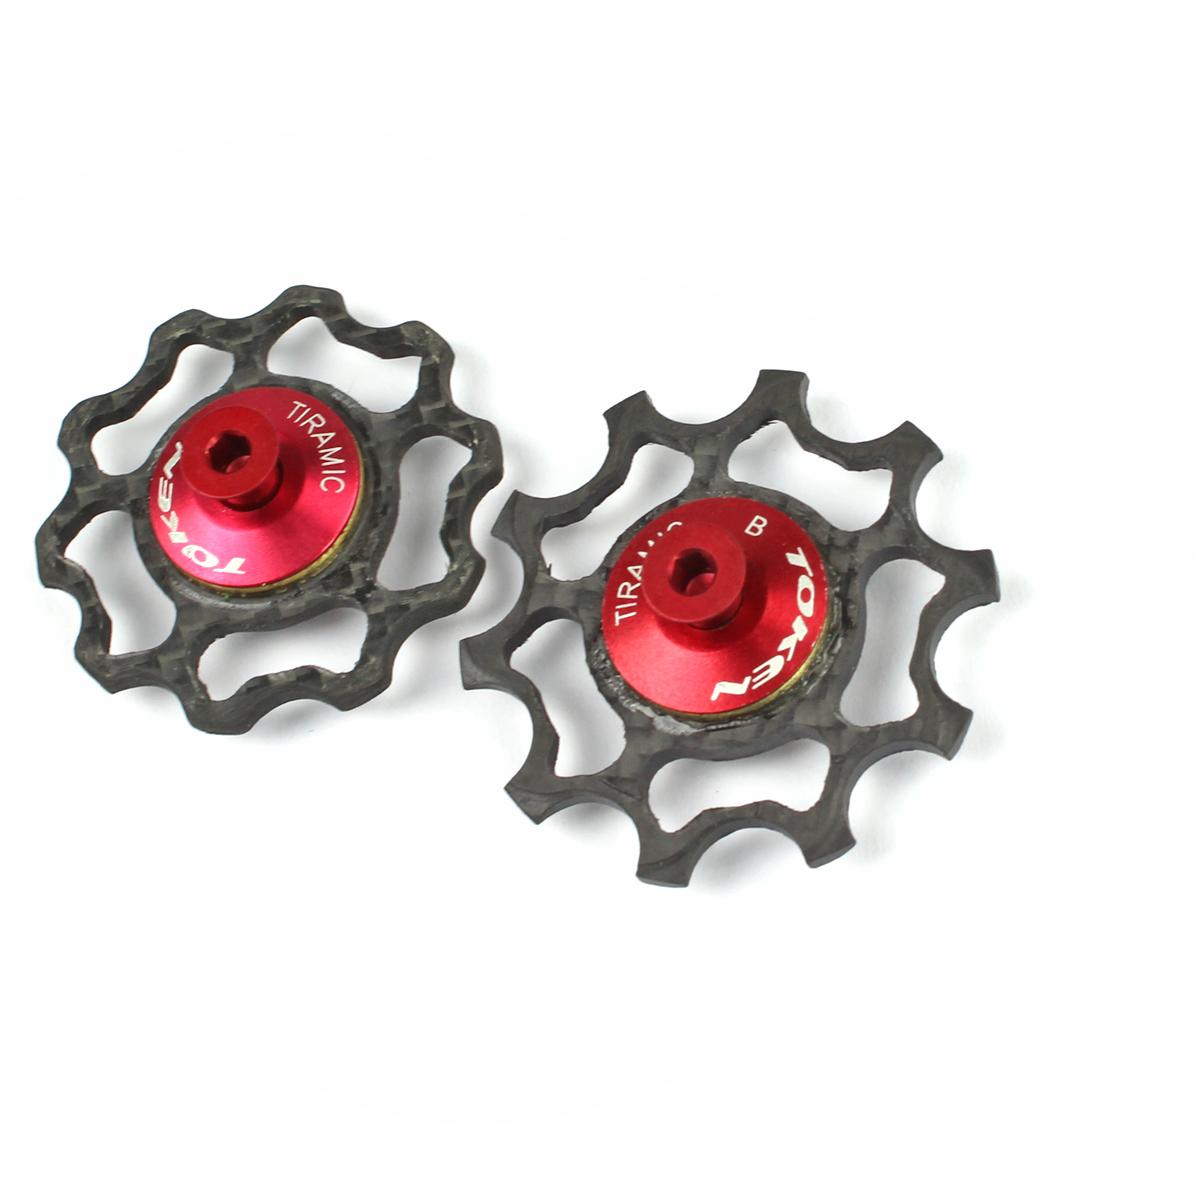 Galets de dérailleur Token 10 dents carbone comp. Campagnolo roulements céramique Noir/Rouge